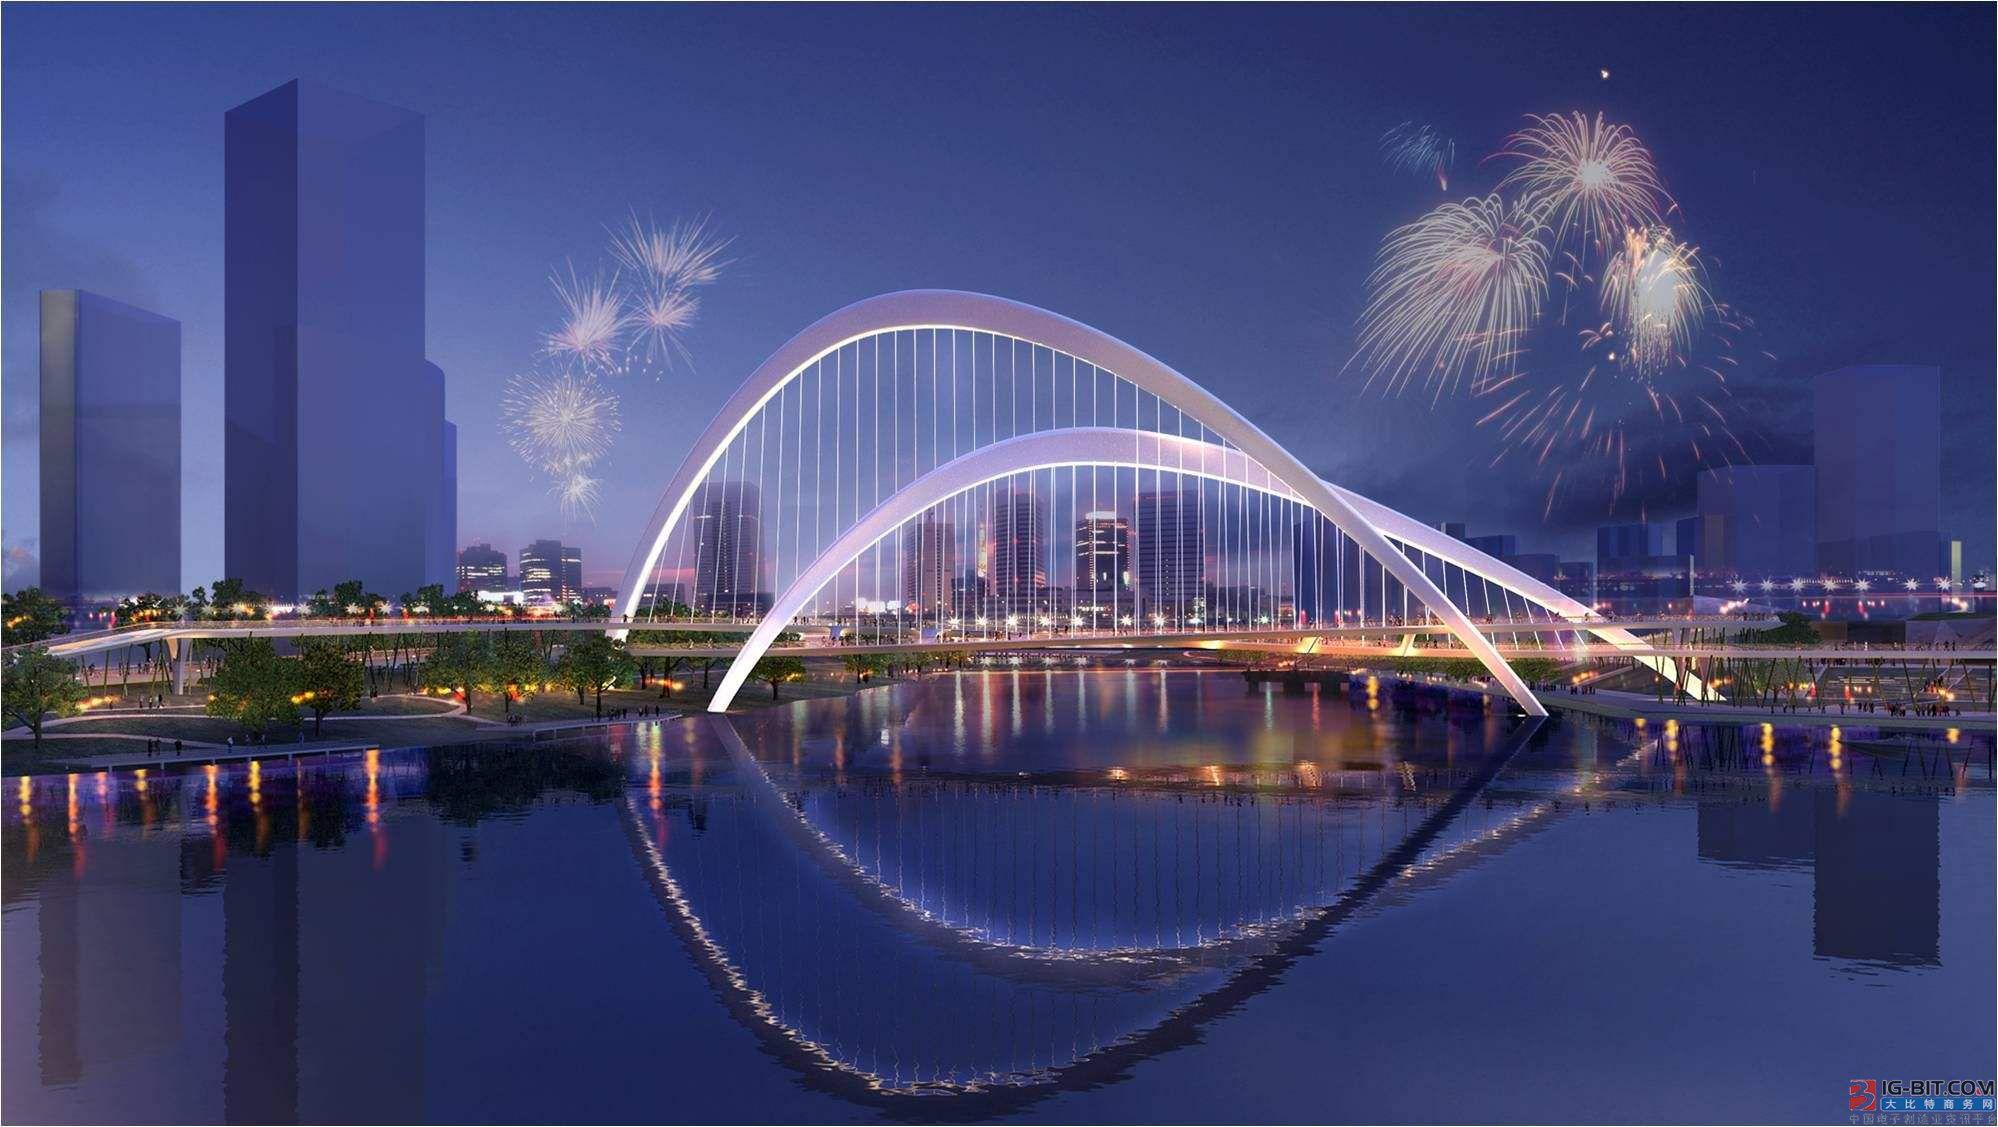 夜景亮化照明助力 华体科技上半年业绩预增88%到107%